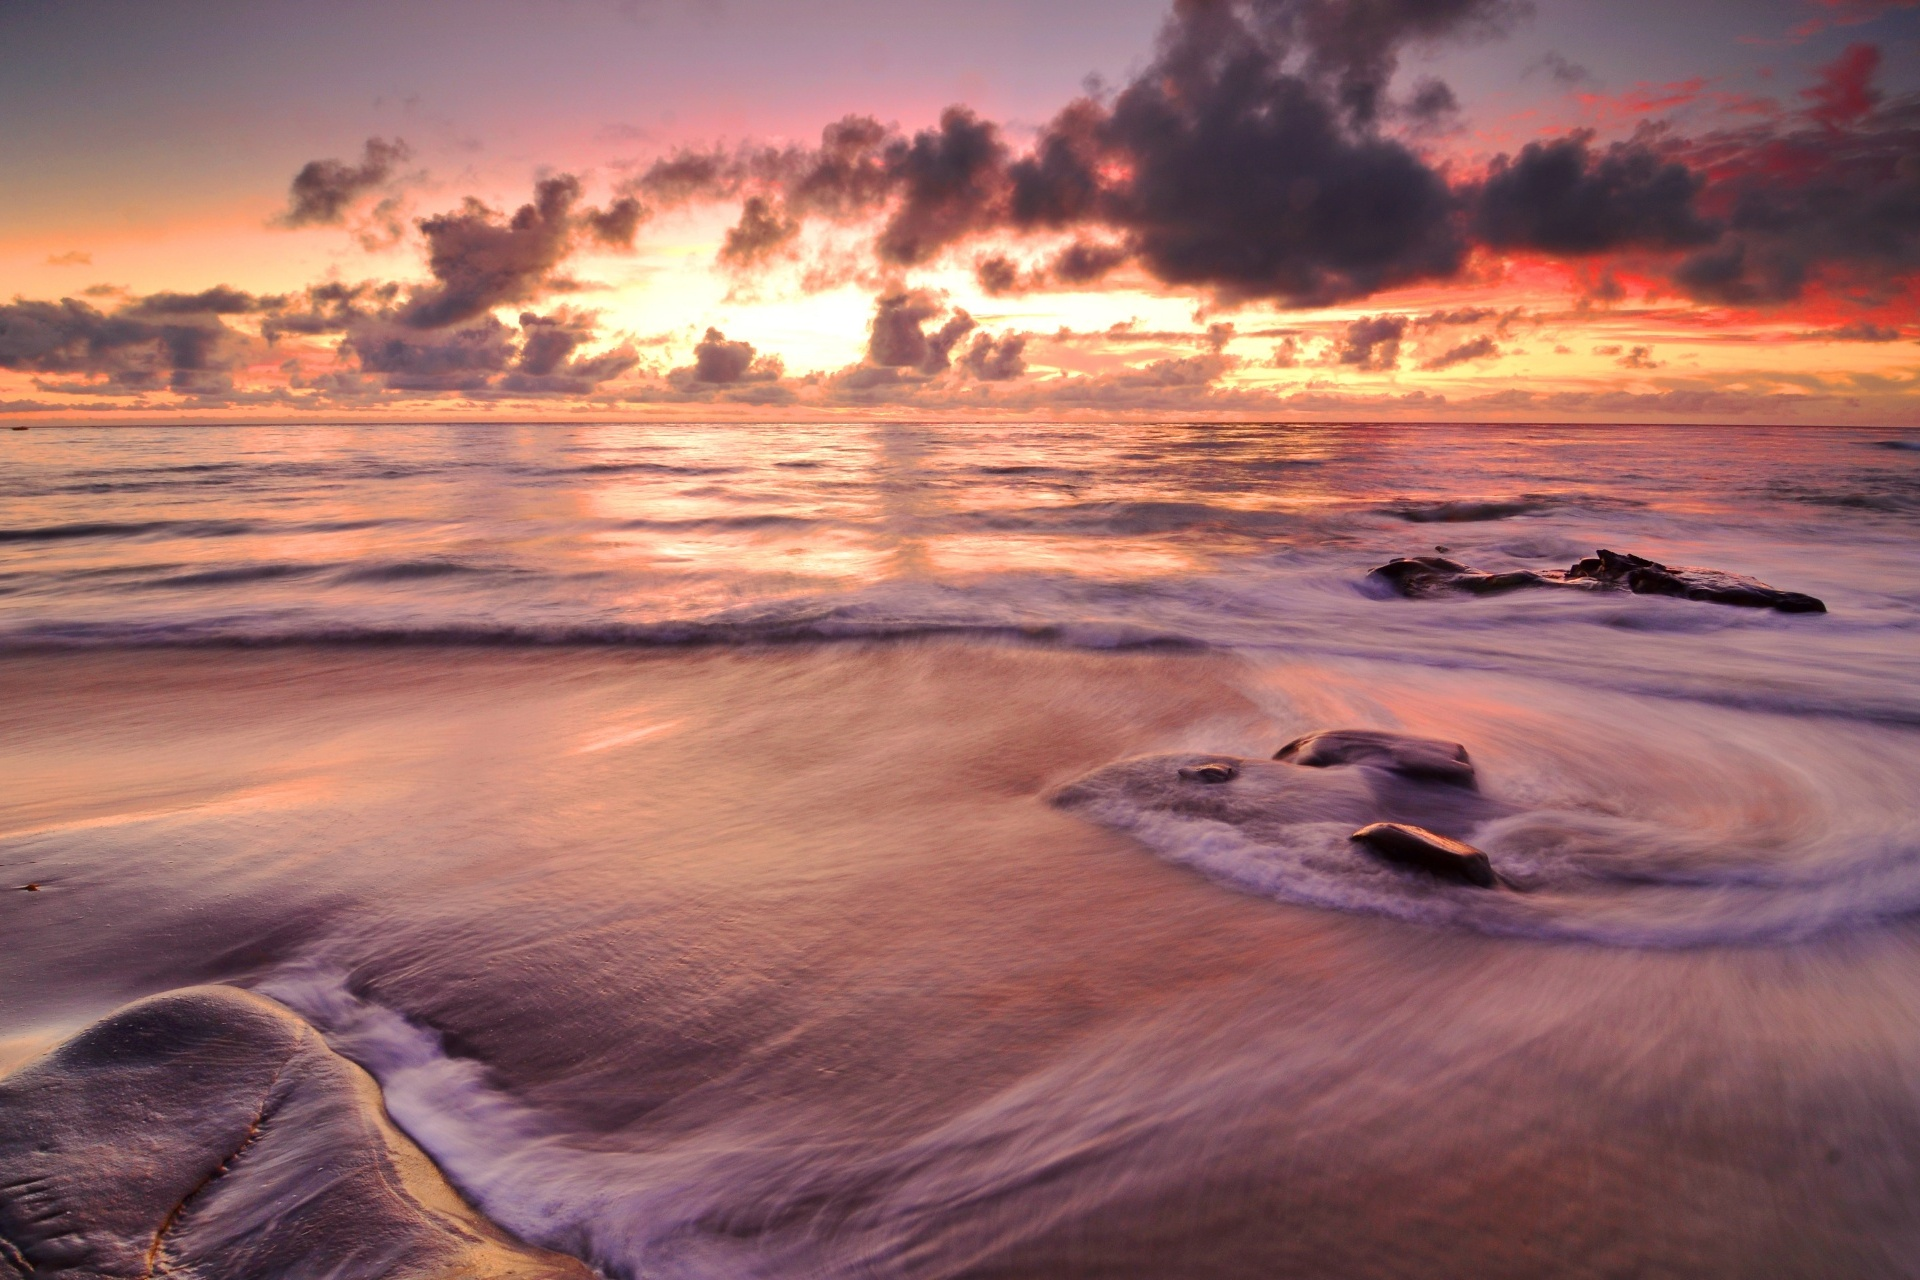 夕暮れの海 アメリカの風景